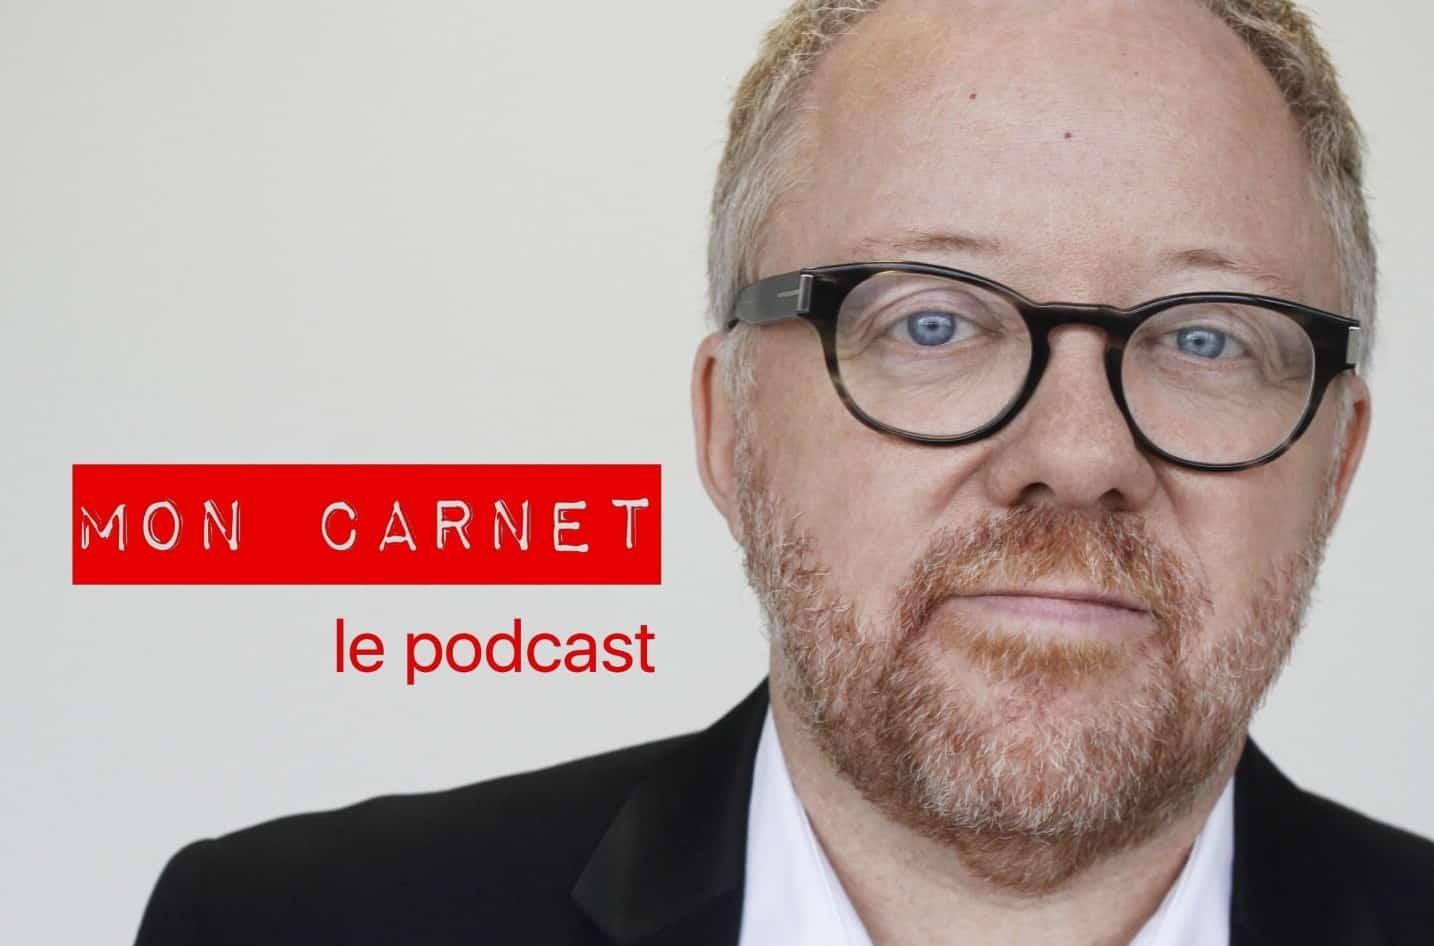 Laurent Lucas participe au dernier podcast 2019 de Mon Carnet avec Bruno Guglielminetti